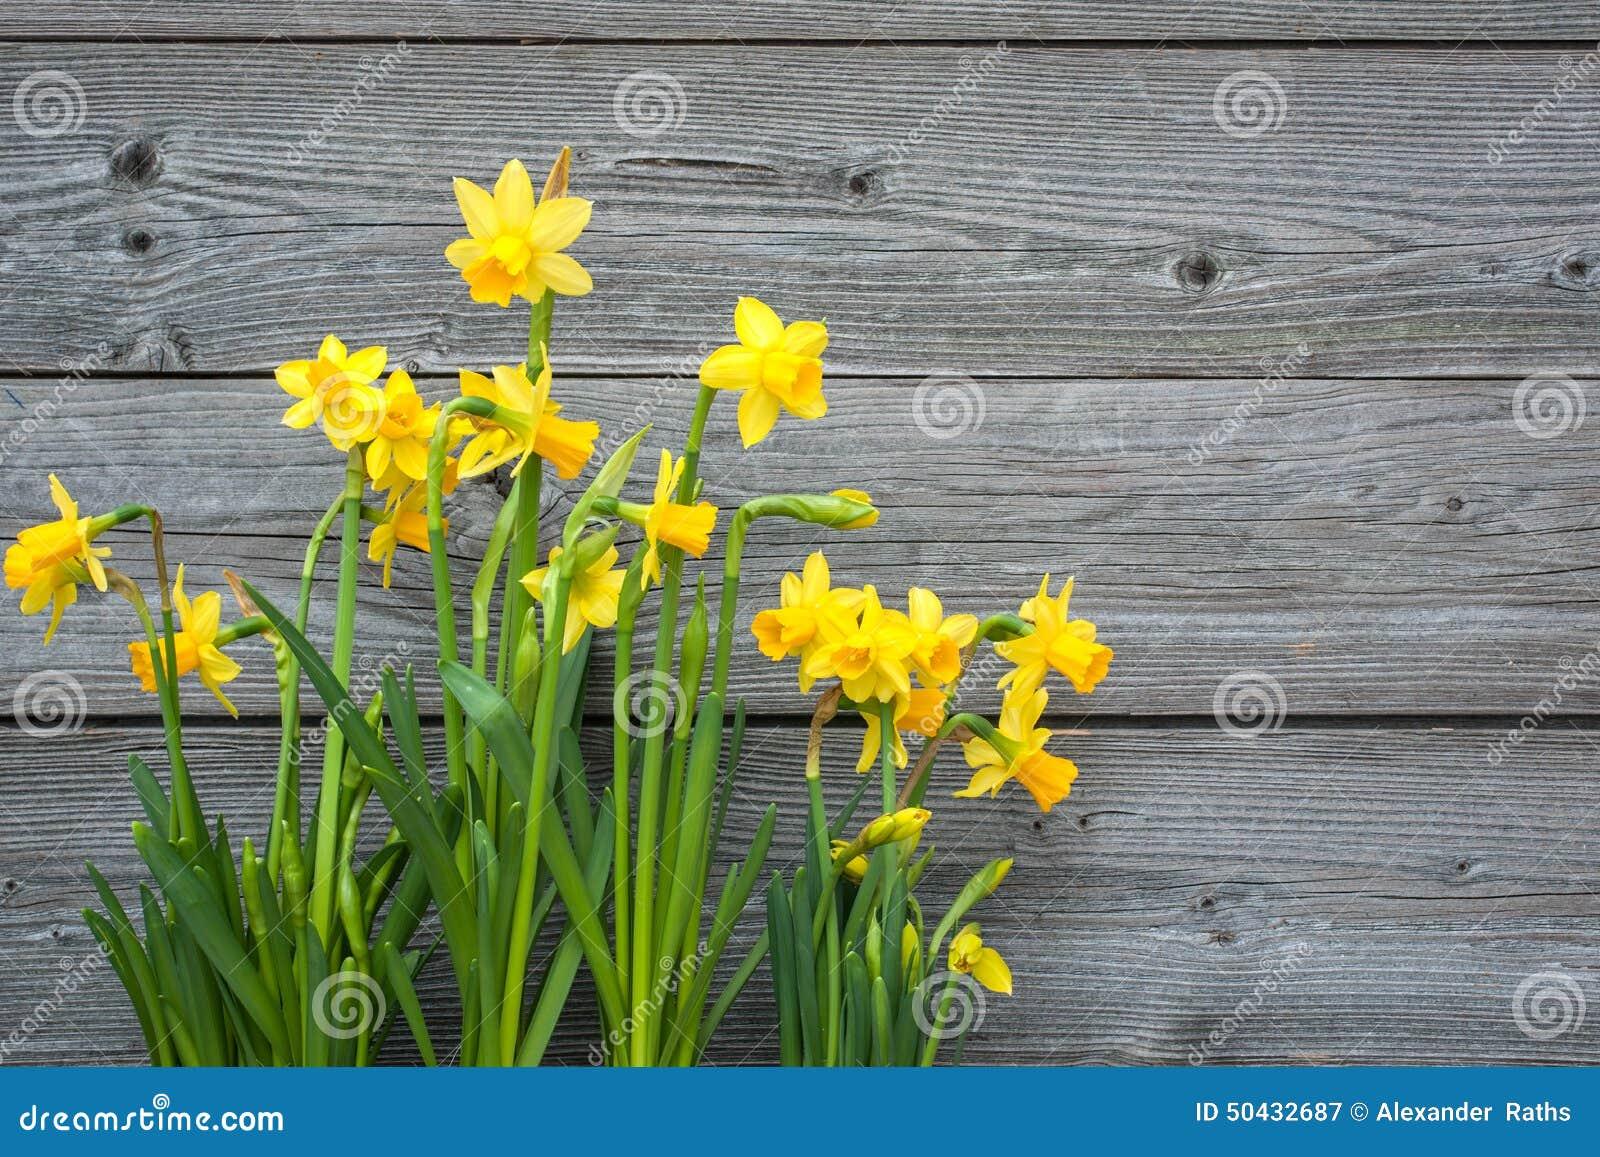 春天黄水仙